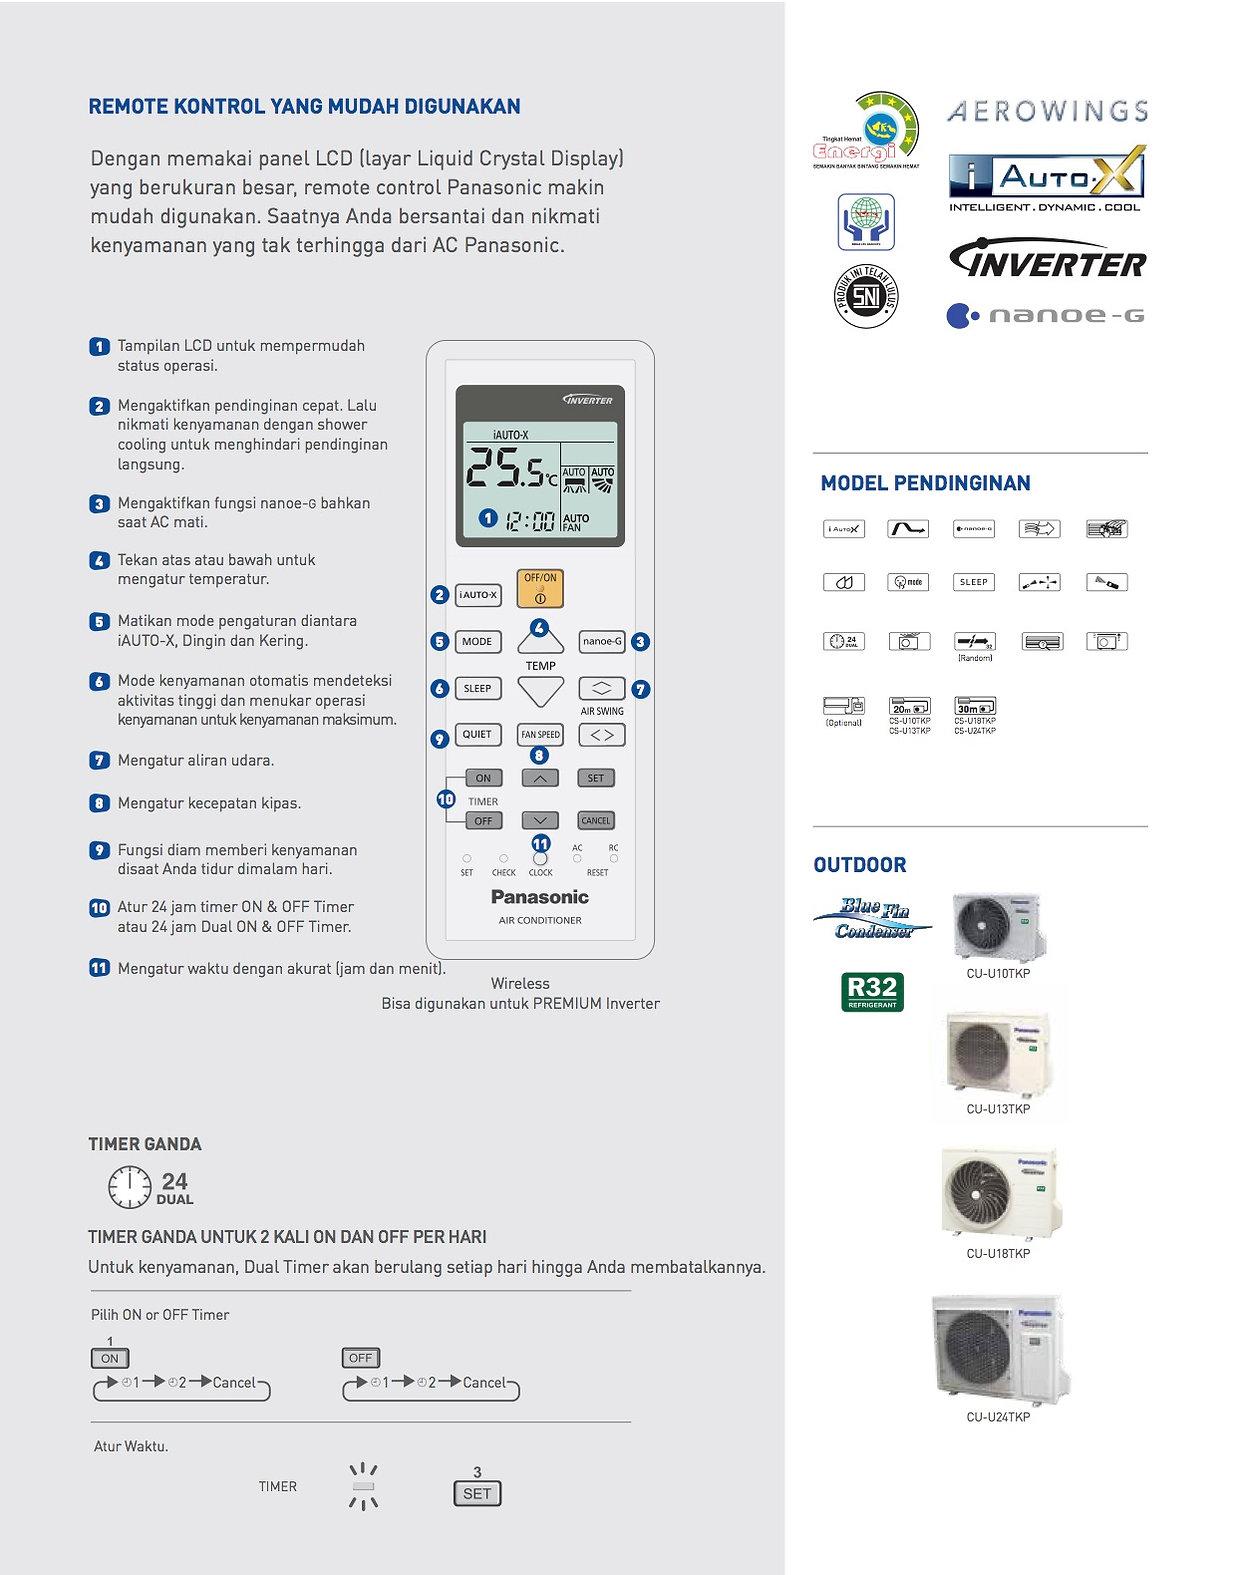 Panasonic Premium Inverter 2 5 PK | Split Air Conditioner